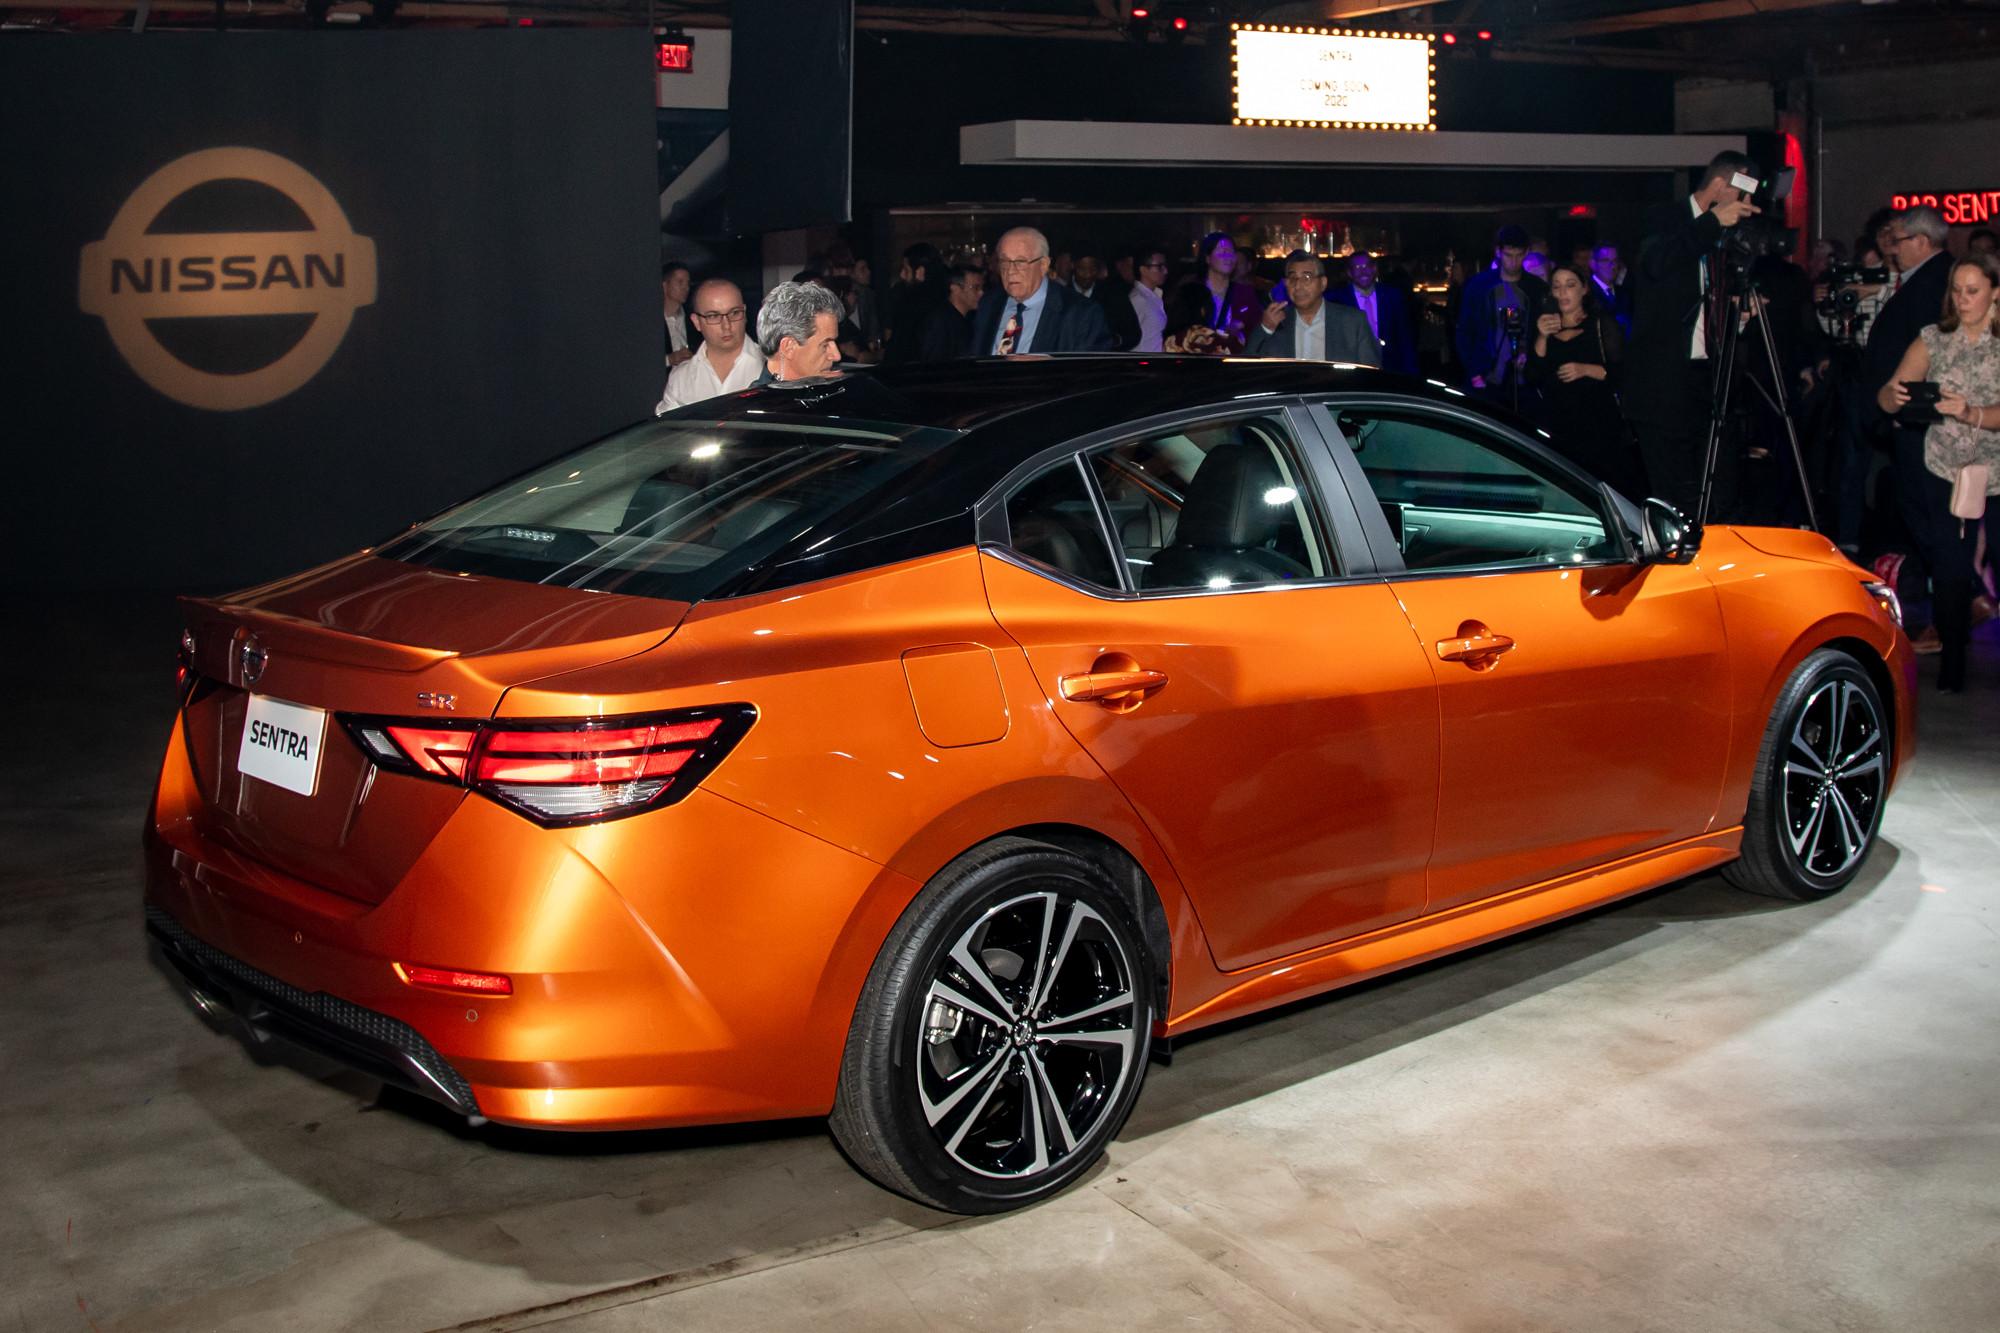 nissan-sentra-2020-cl-07-exterior-rear-orange.jpg